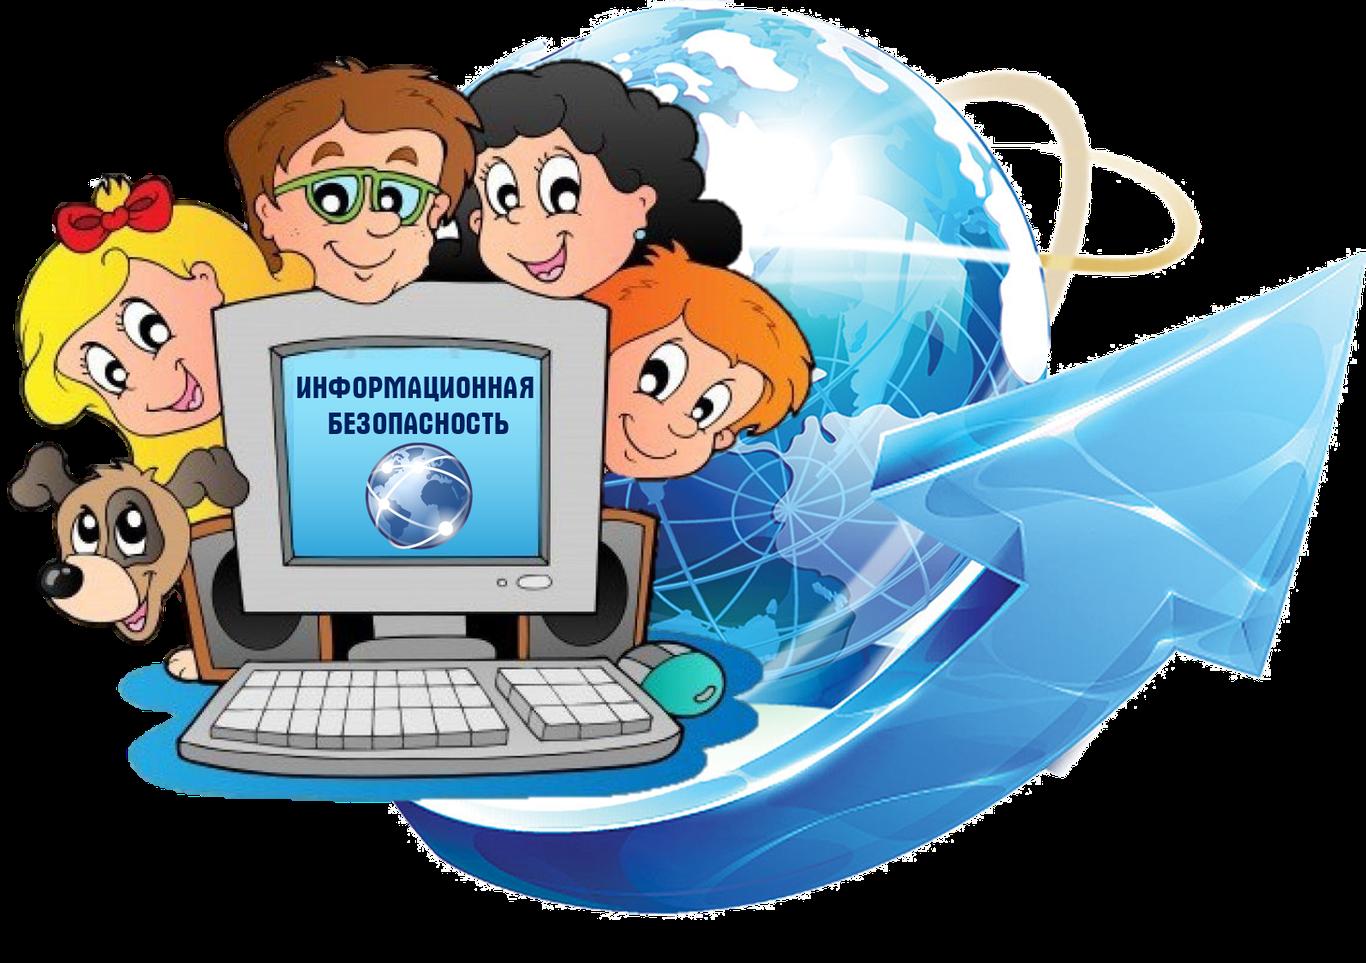 Информационная безопасность детей в Республике Беларусь: социальные и правовые аспекты